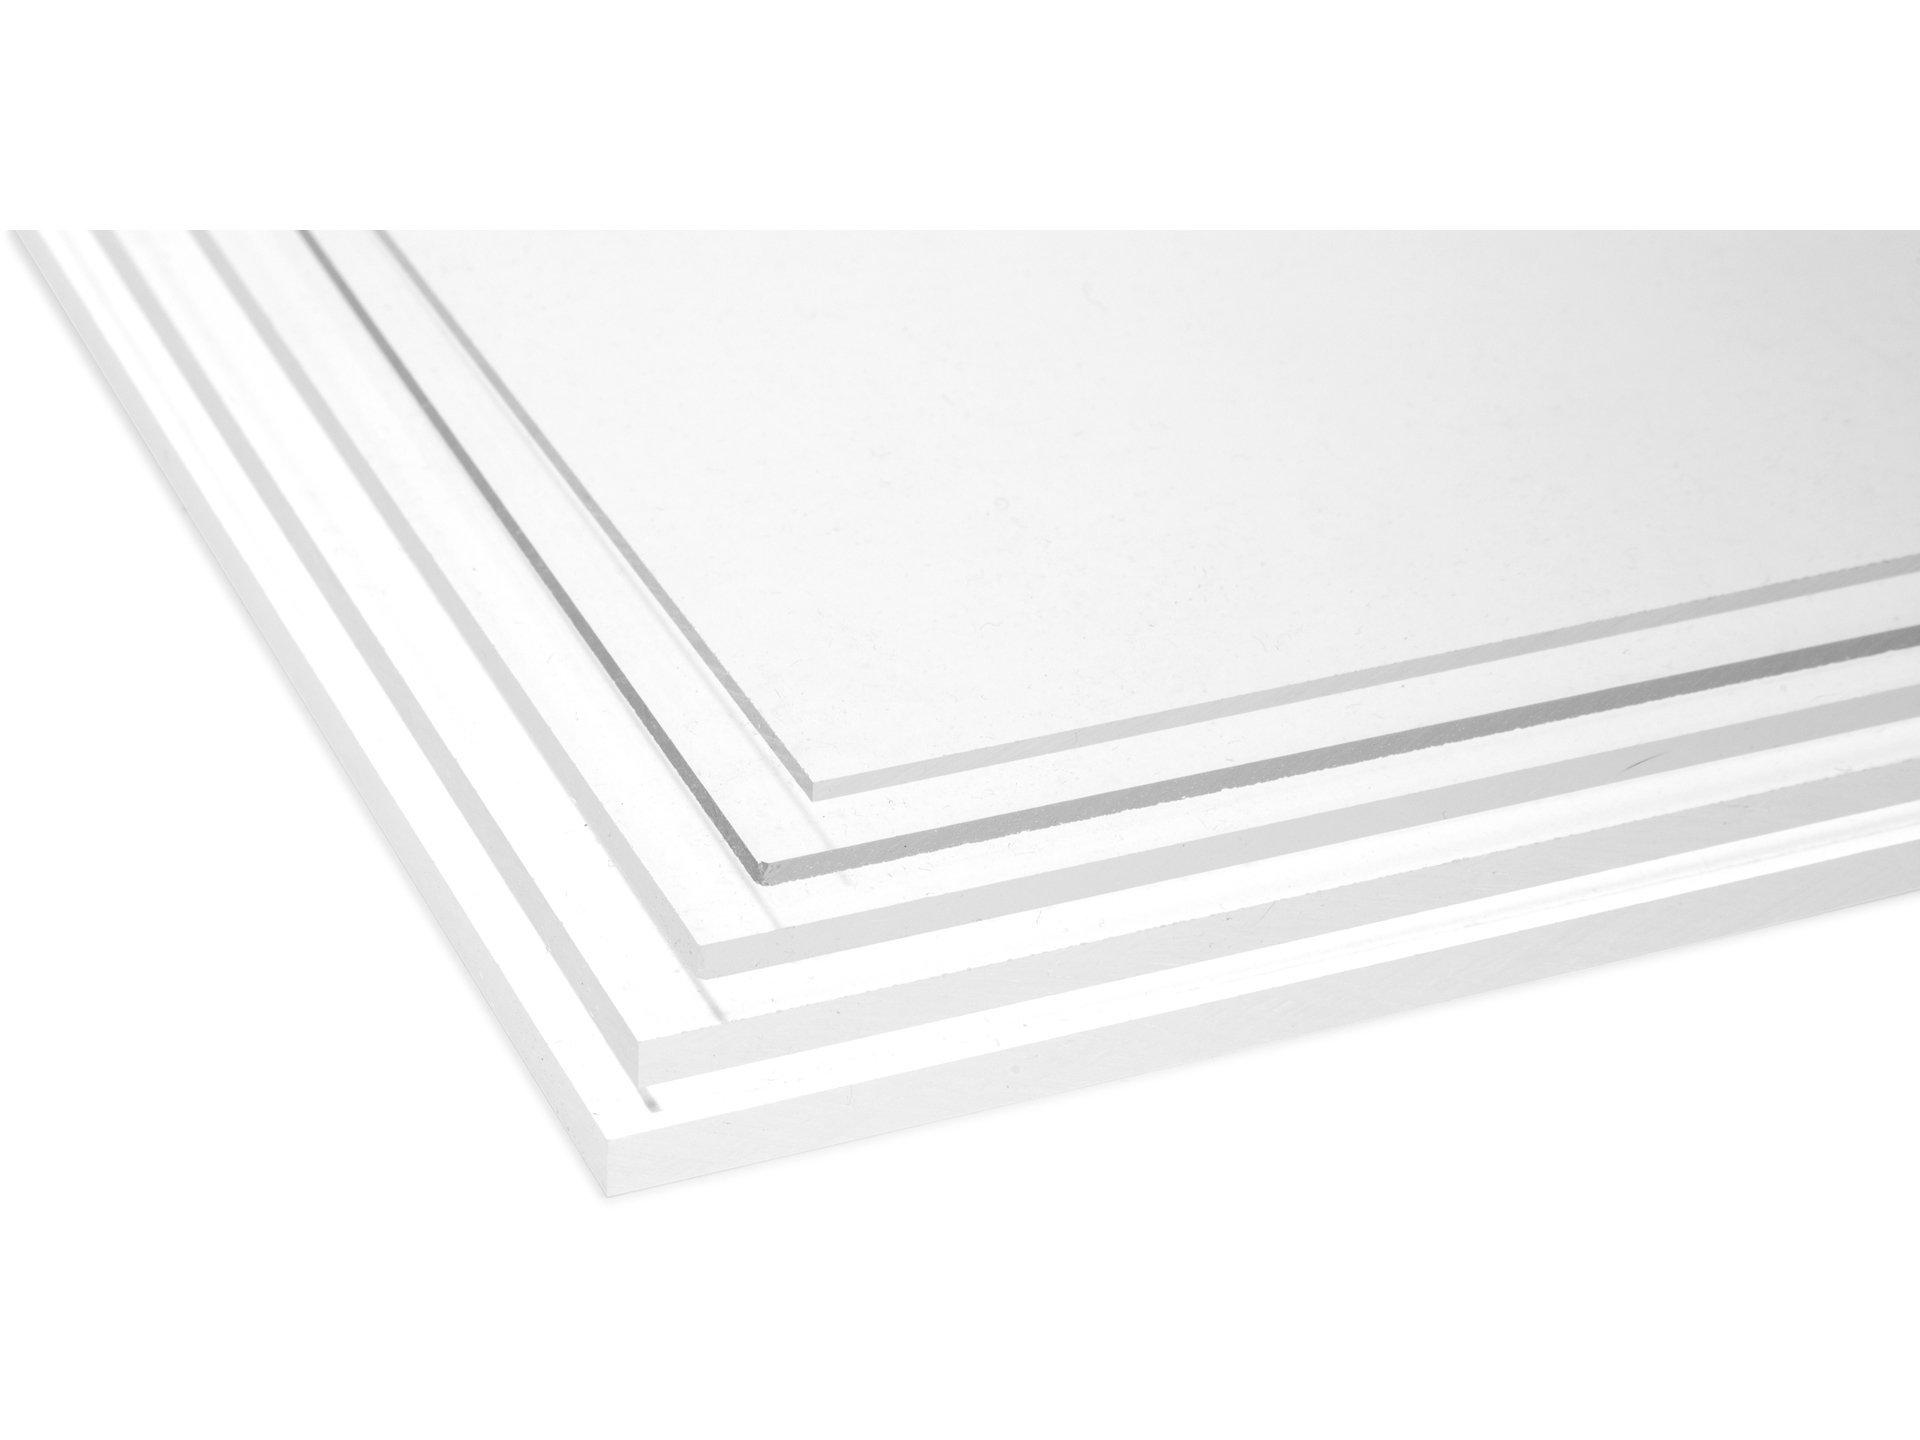 1_1920_1440_acrylglas_xt_platte_transparent_farblos_im_zuschnitt Schöne Uv Stift Mit Lampe Kaufen Dekorationen